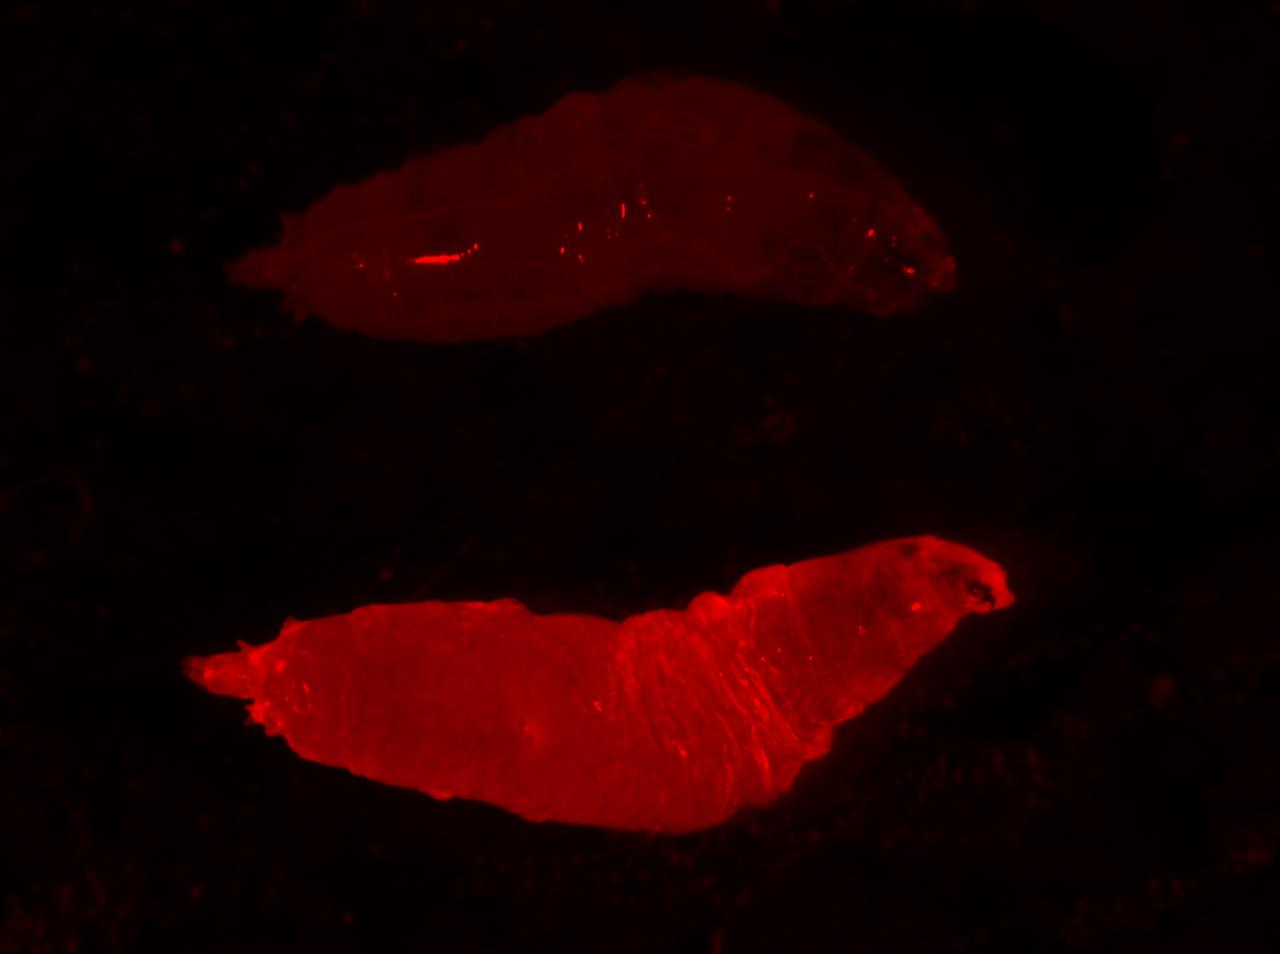 """La larva de una mosca de la fruta se ilumina en rojo. La marca fluorescente indica que ha heredado un """"impulso genético"""" o elemento genético egoísta de su madre."""